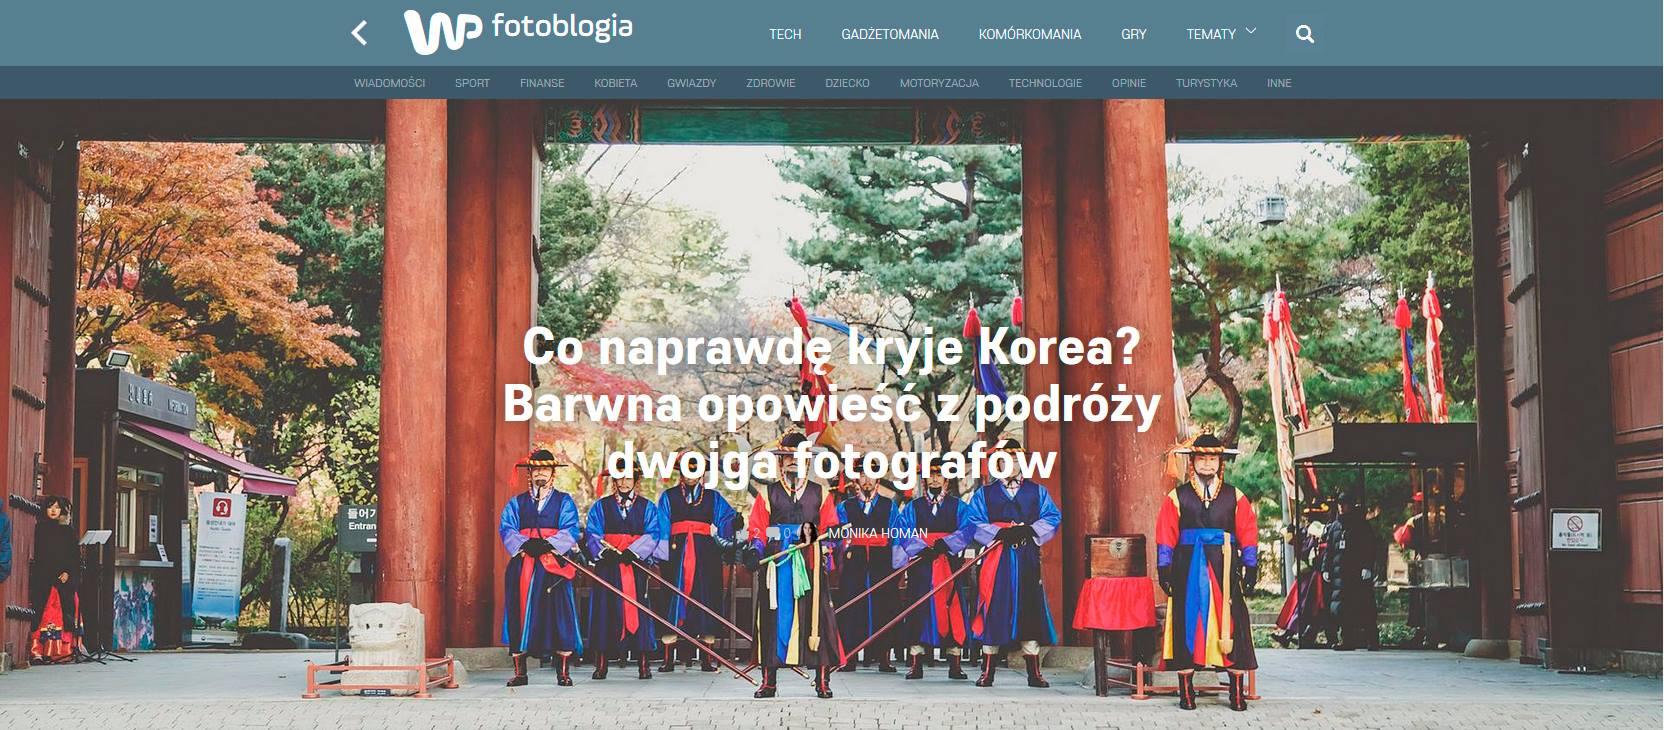 fotoblogia_veryluckystar_korea